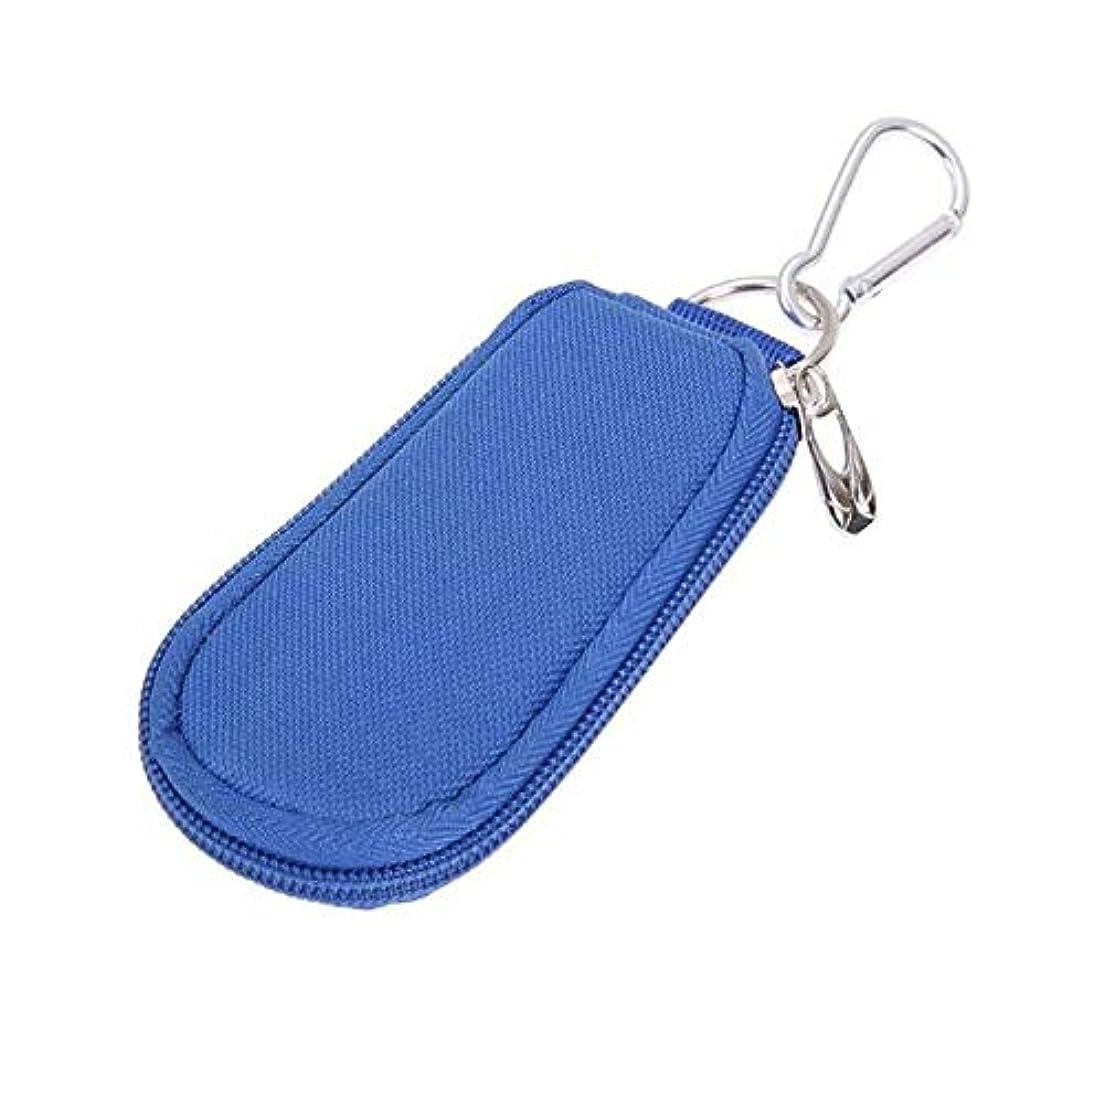 苦しみ姉妹虎精油ケース エッセンシャルオイルストレージオーガナイザーブルー走行用1-3MLエッセンシャルオイルバッグパーフェクトを開催します 携帯便利 (色 : 青, サイズ : 11.5X6.5X1.5CM)